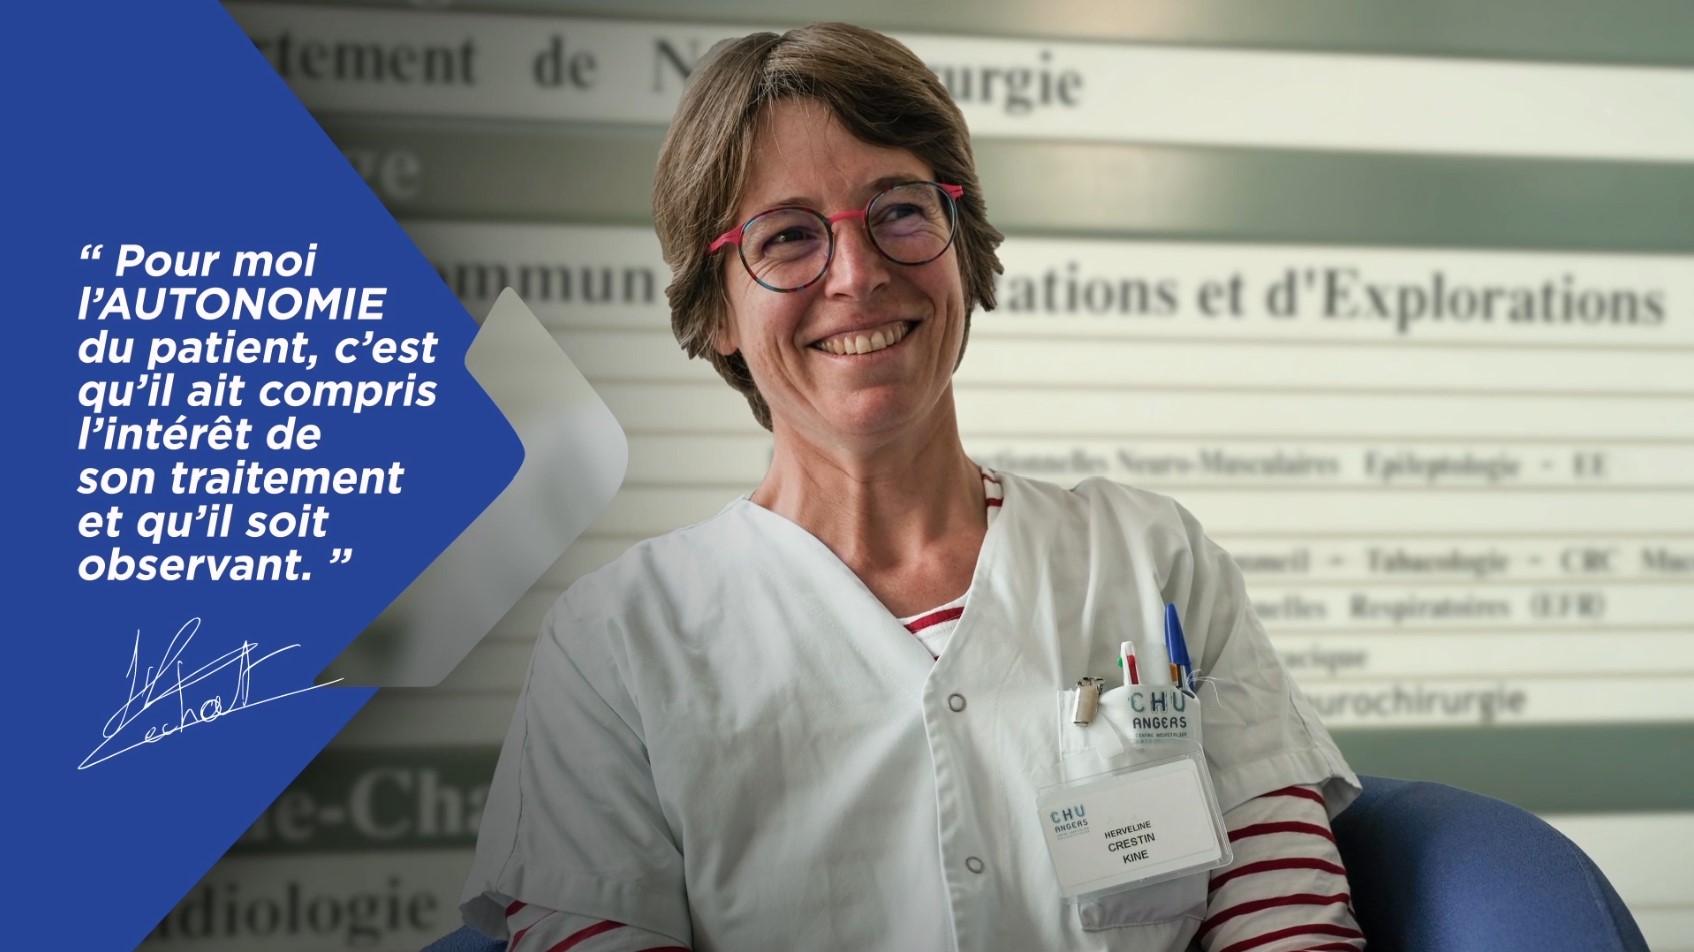 Témoignage professionnel de santé – Kinésithérapeute en pneumologie (Angers)